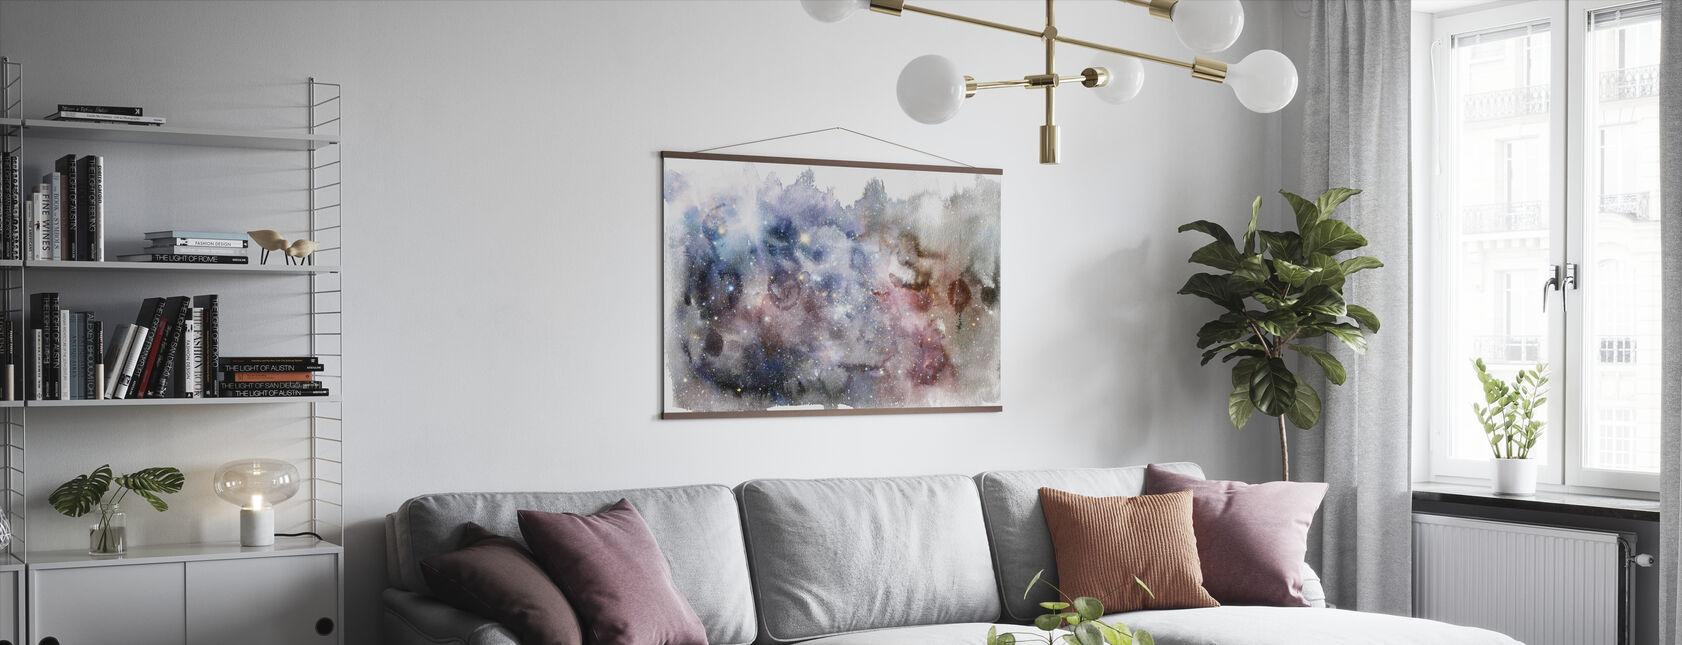 Acuarela Galaxy V - Póster - Salón